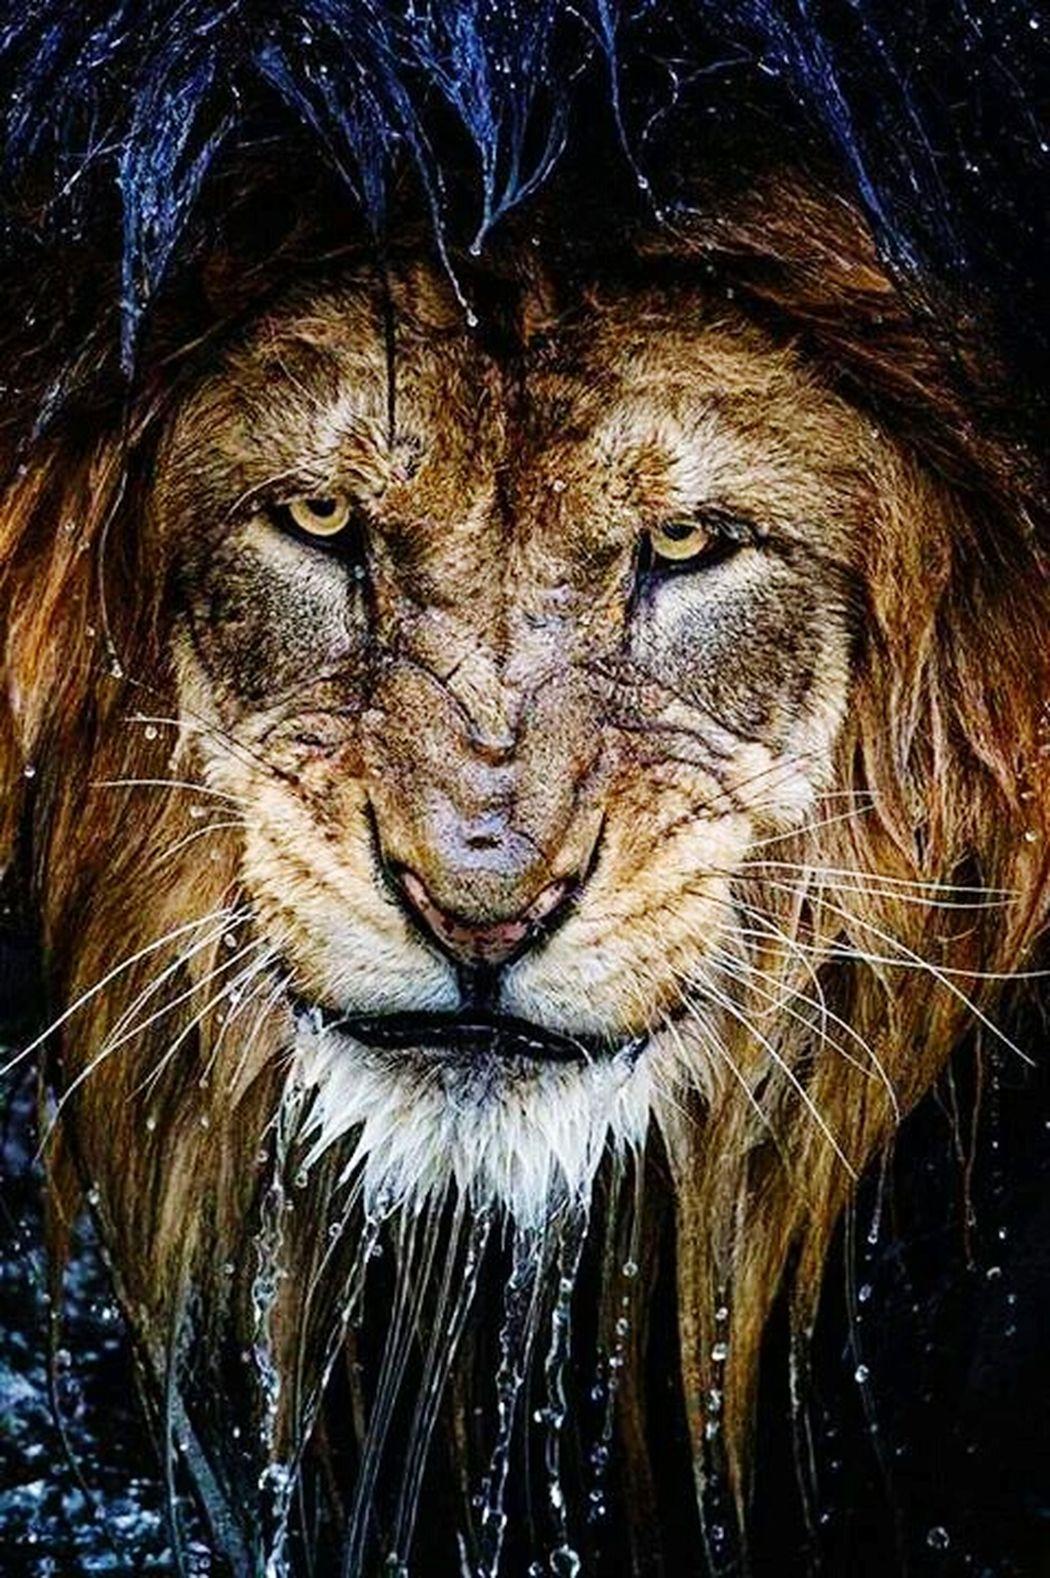 Hi! My Life ❤ سأصبر على ضلم الجميع ولاكن عندما يأتي دوري لن أرحم أحدا Lion Atlasً